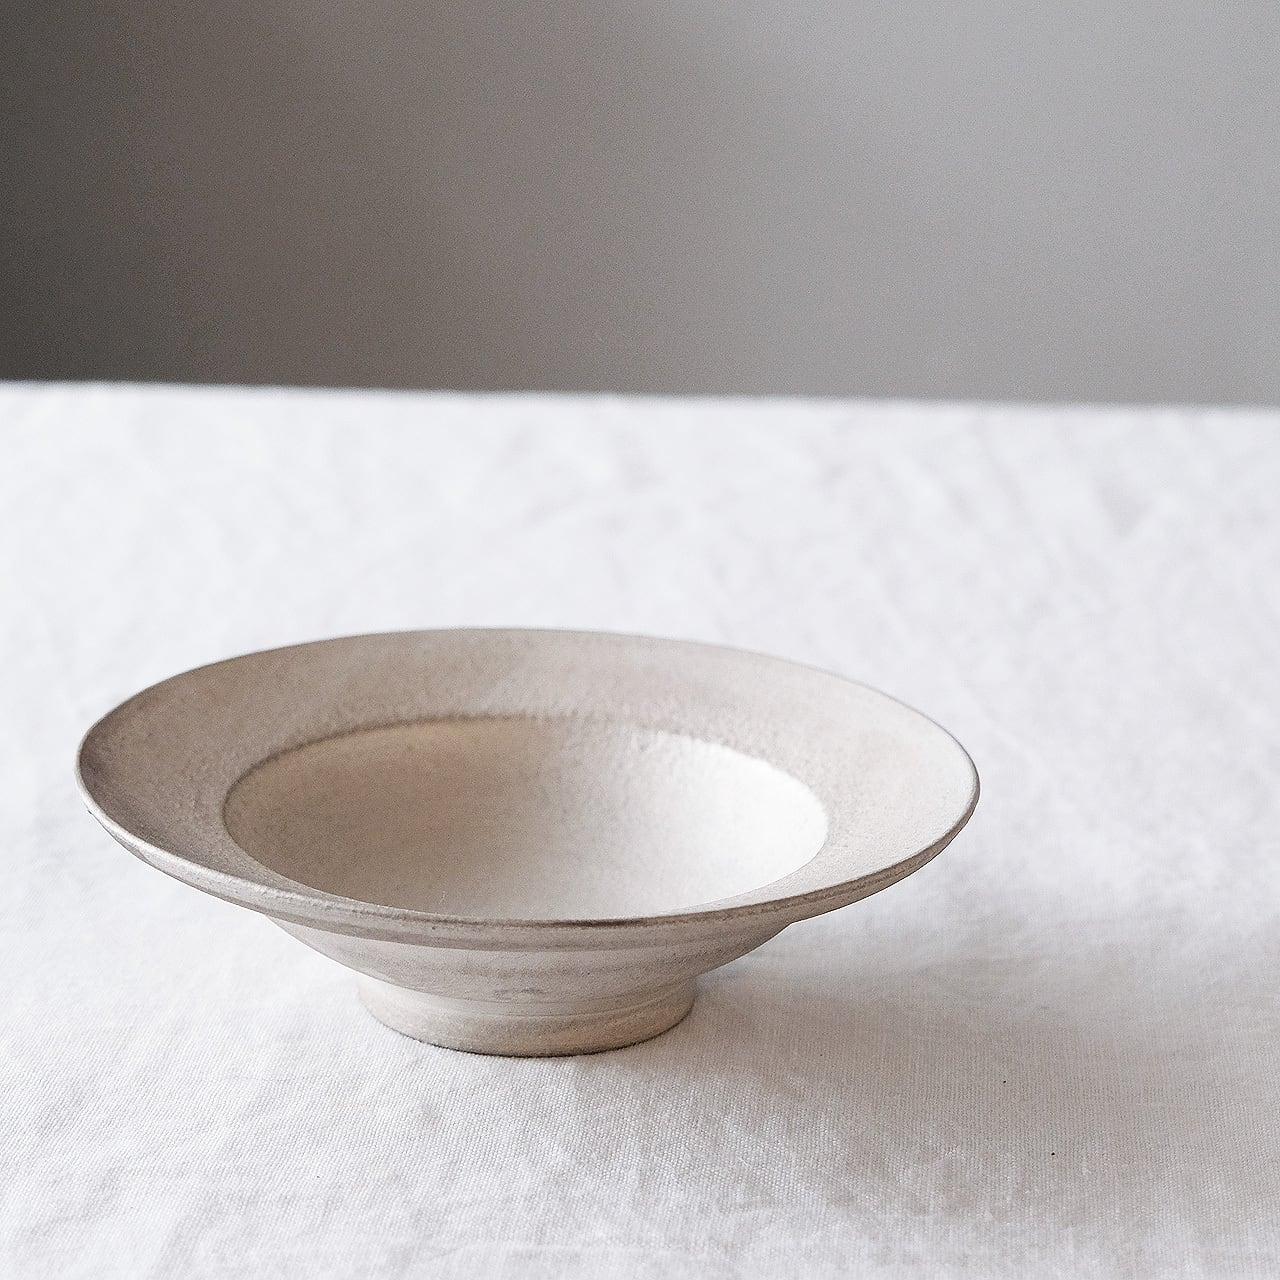 瀬川辰馬 Tatsuma Segawa   硫化銀彩 リム鉢 小 シルバー